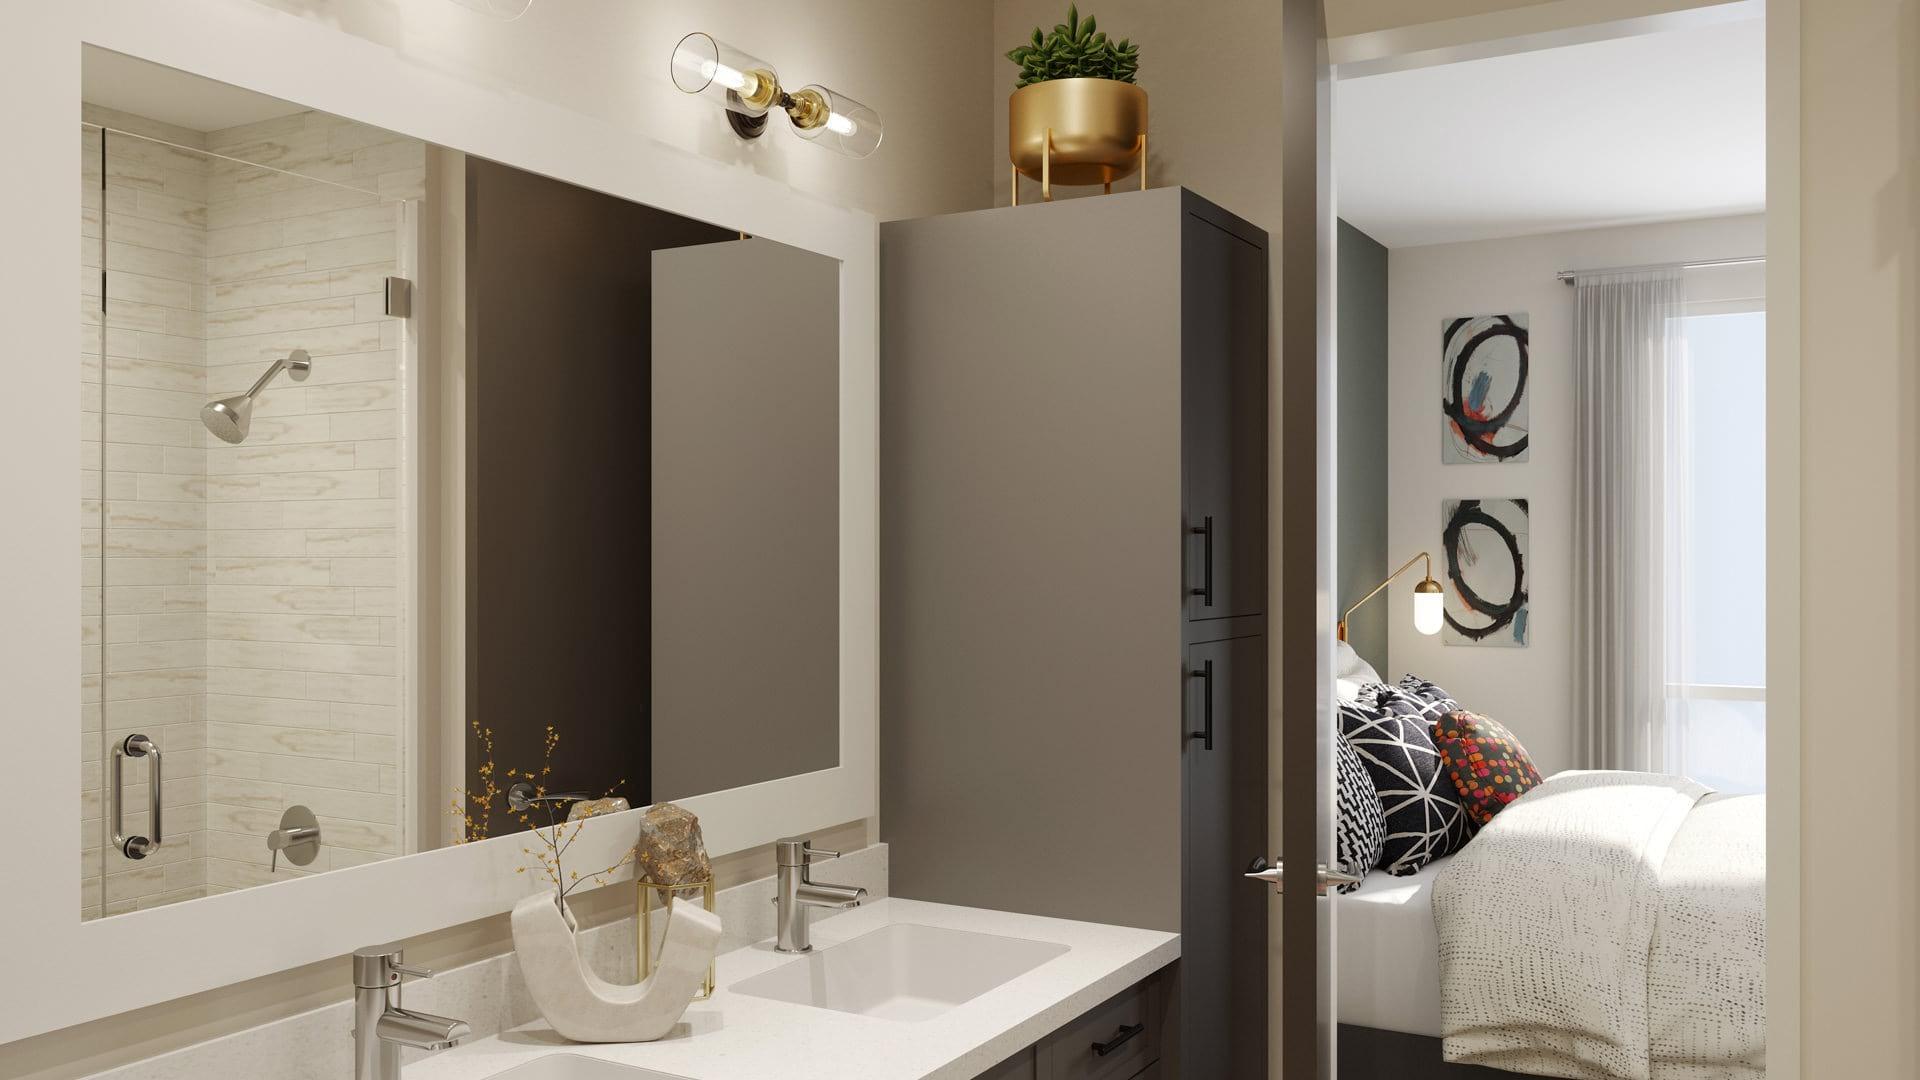 Double vanity bathroom with modern lighting